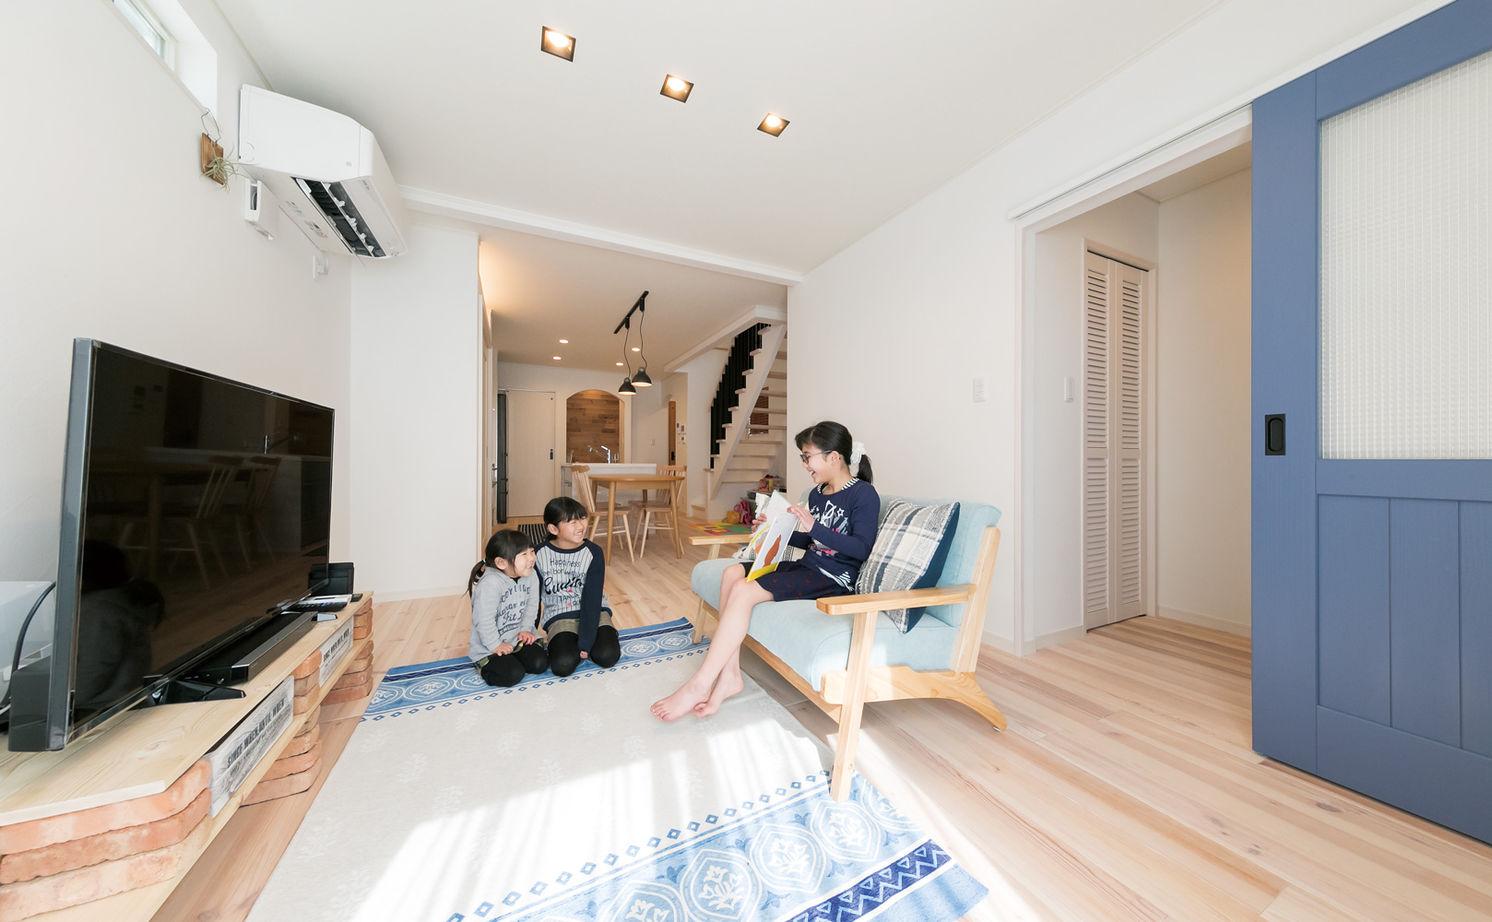 【1500万円台】細長い敷地で明るく暮らす 海をイメージした癒しの木の家画像1